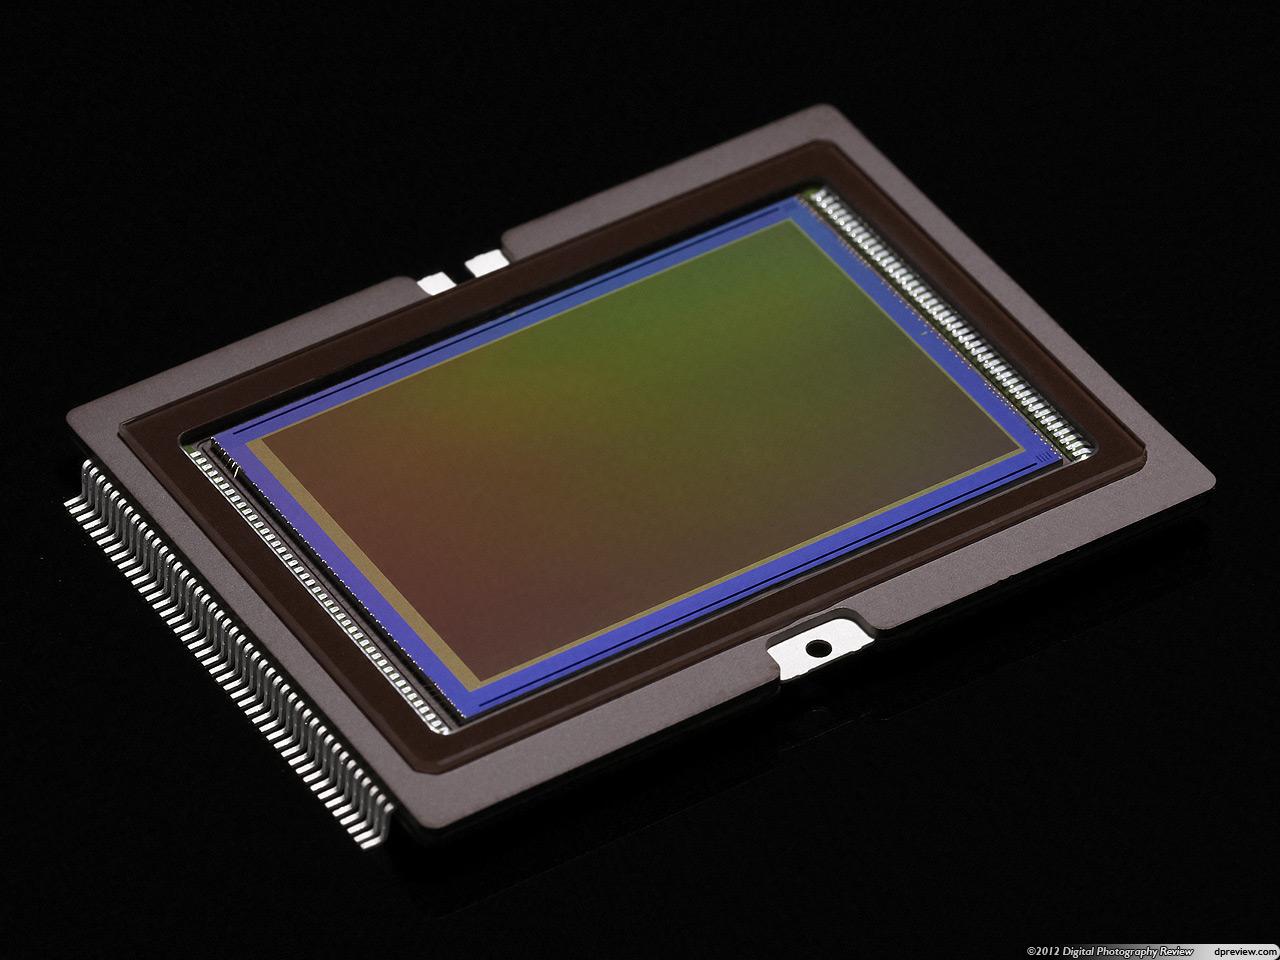 set image position matlab EKjDaG2